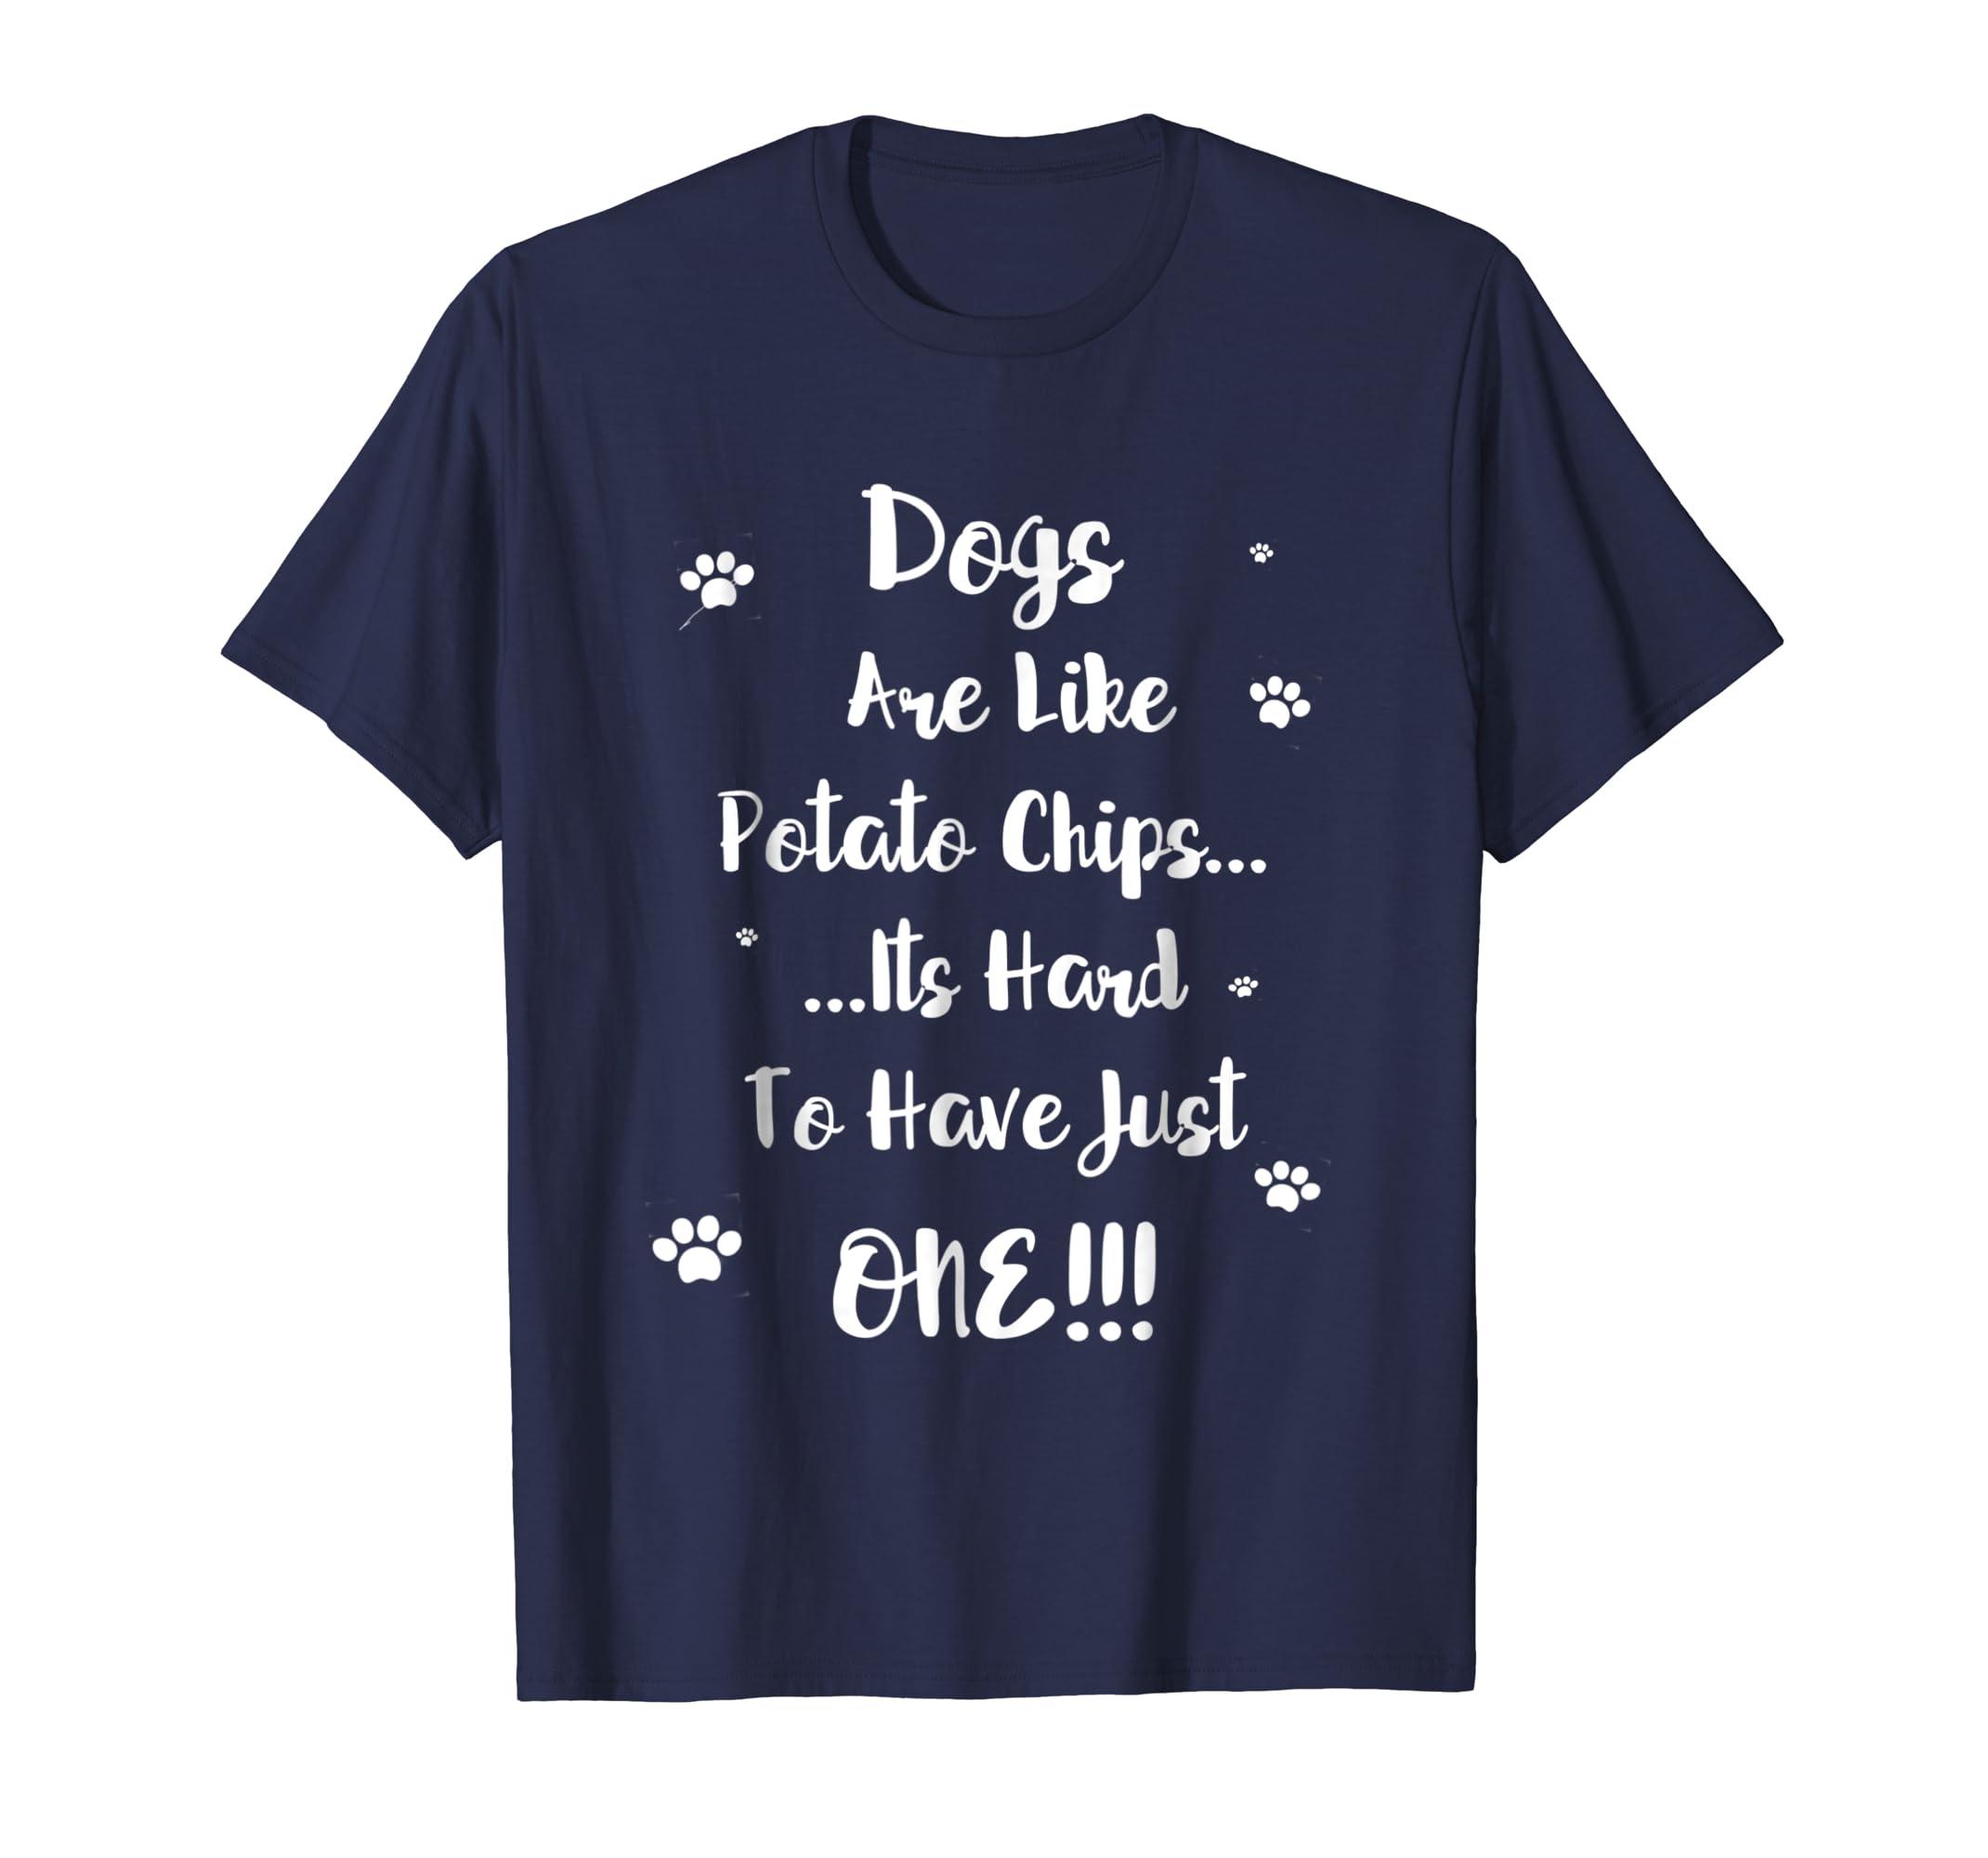 dogs are like potato chips - Funny Dog T shirt - men women-AZP